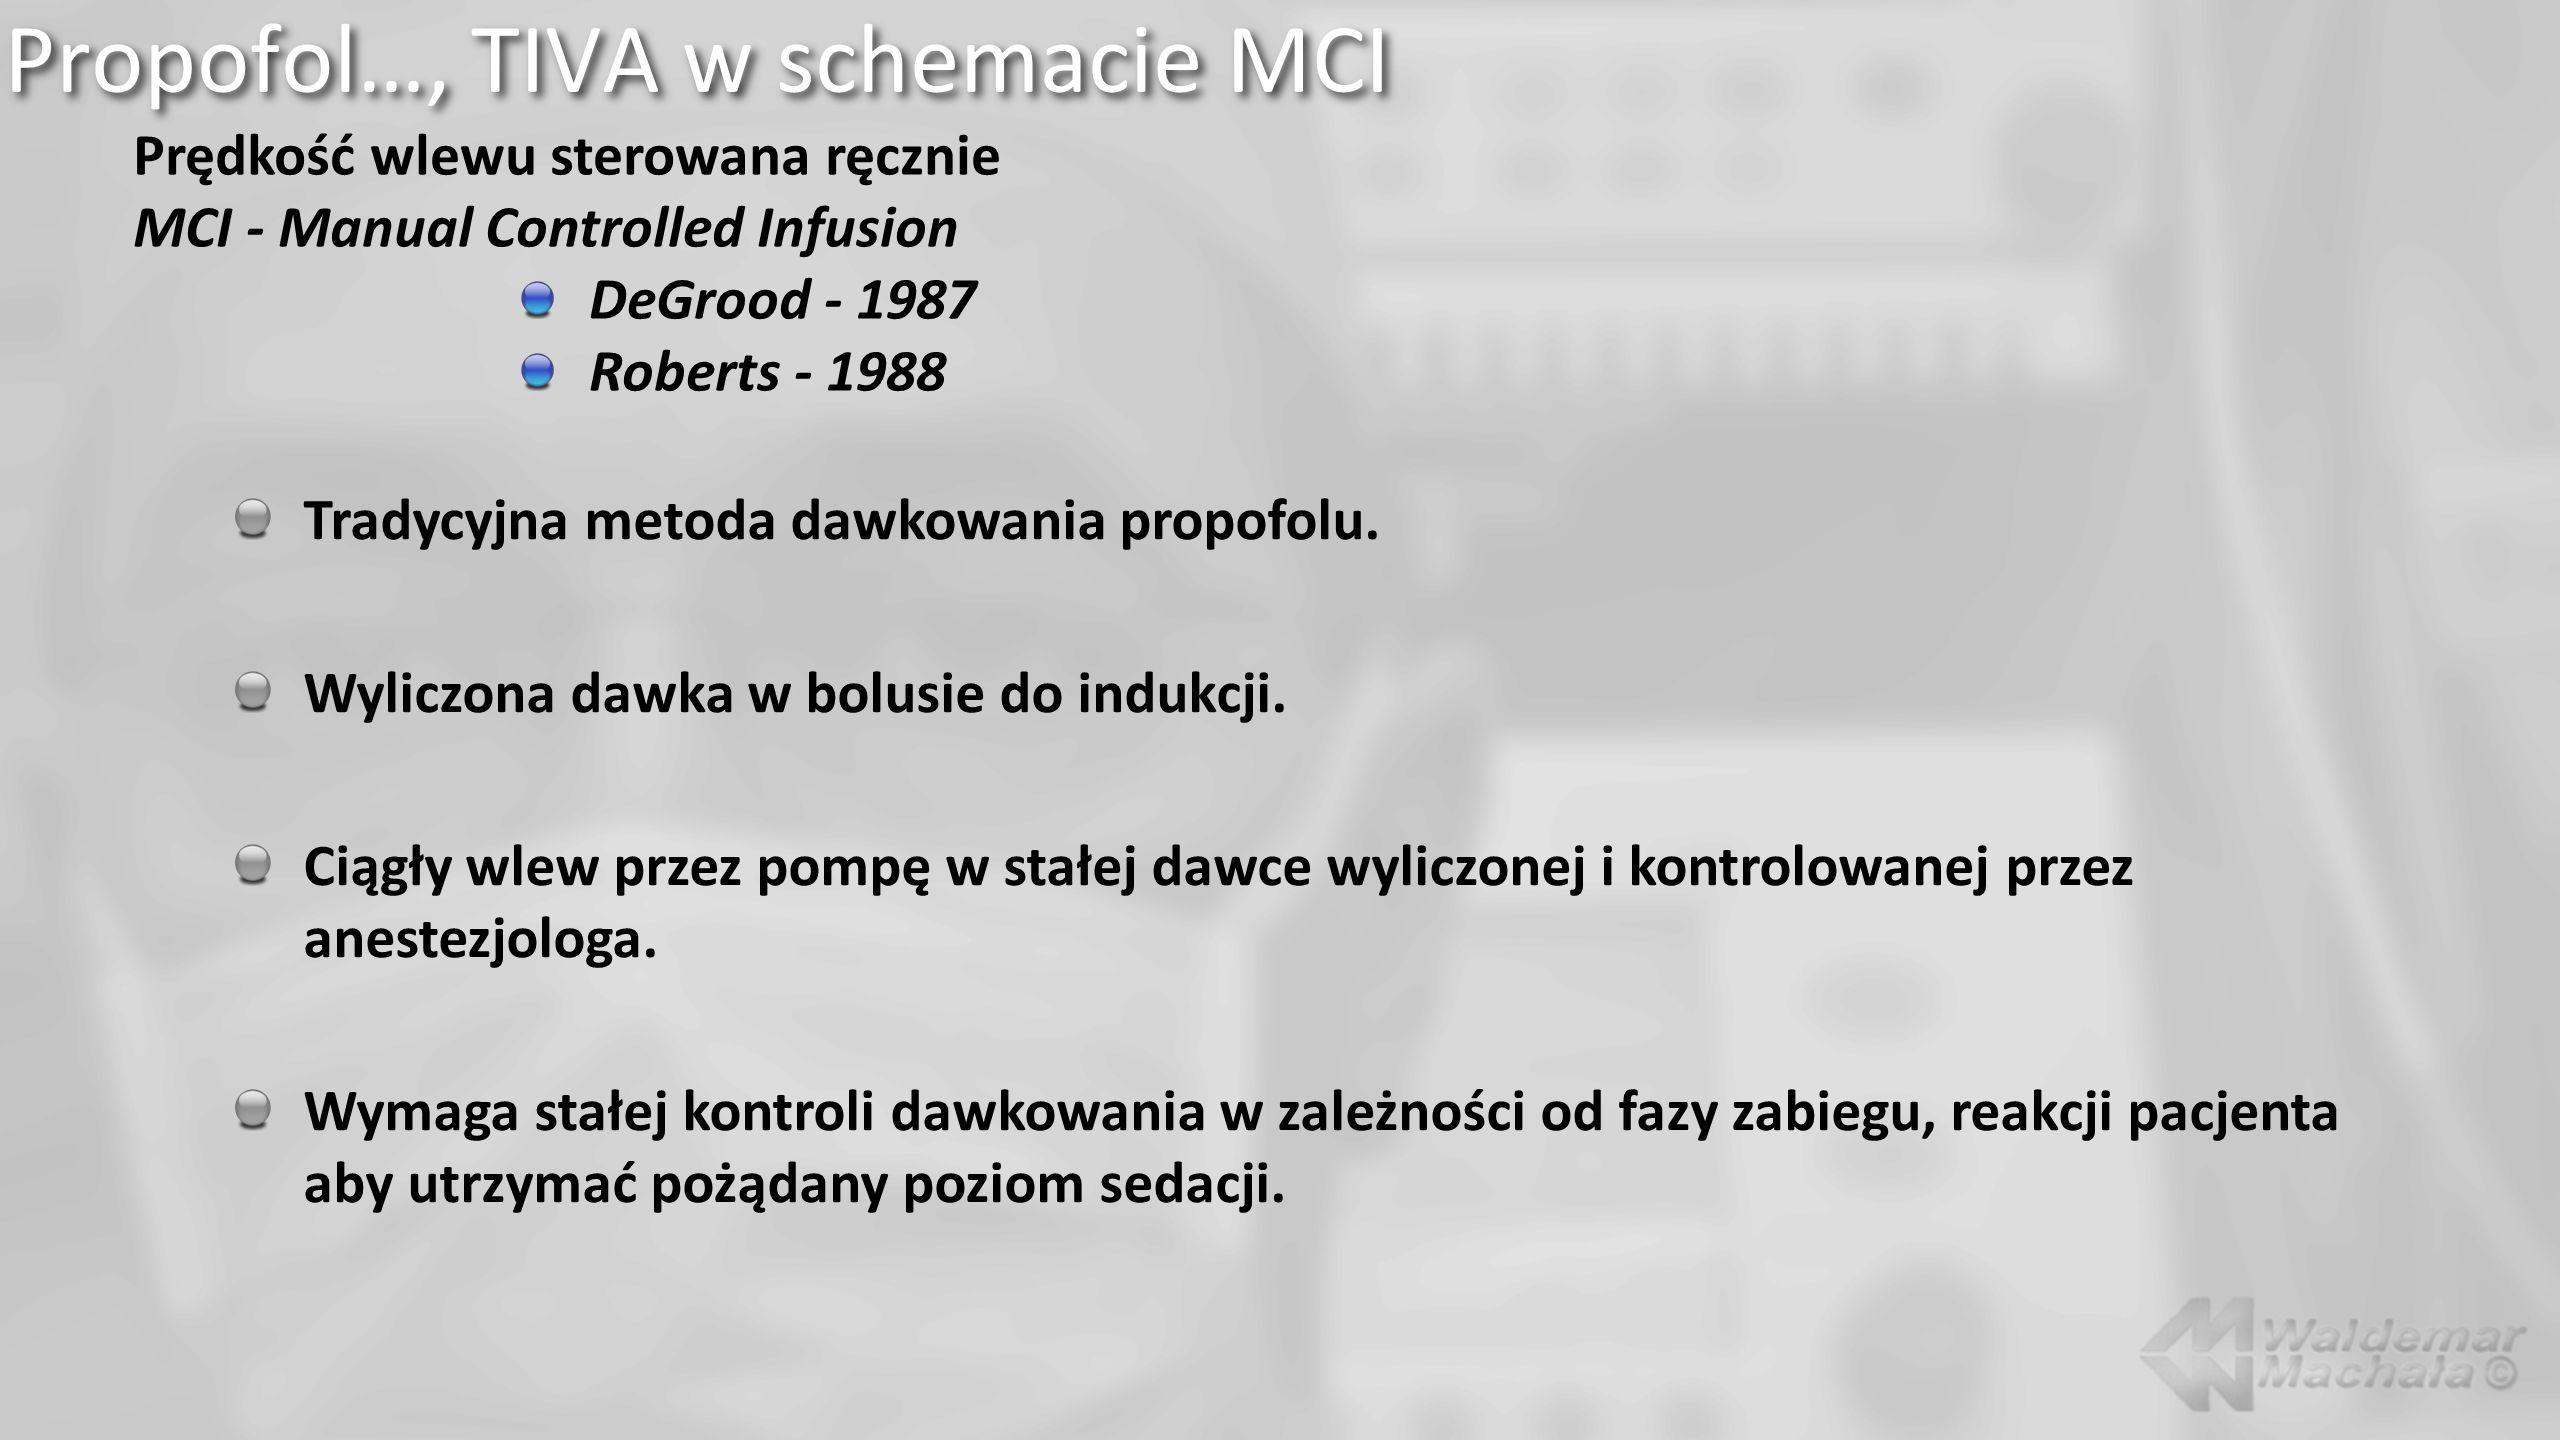 Propofol…, TIVA w schemacie MCI Prędkość wlewu sterowana ręcznie MCI - Manual Controlled Infusion DeGrood - 1987 Roberts - 1988 Tradycyjna metoda dawk